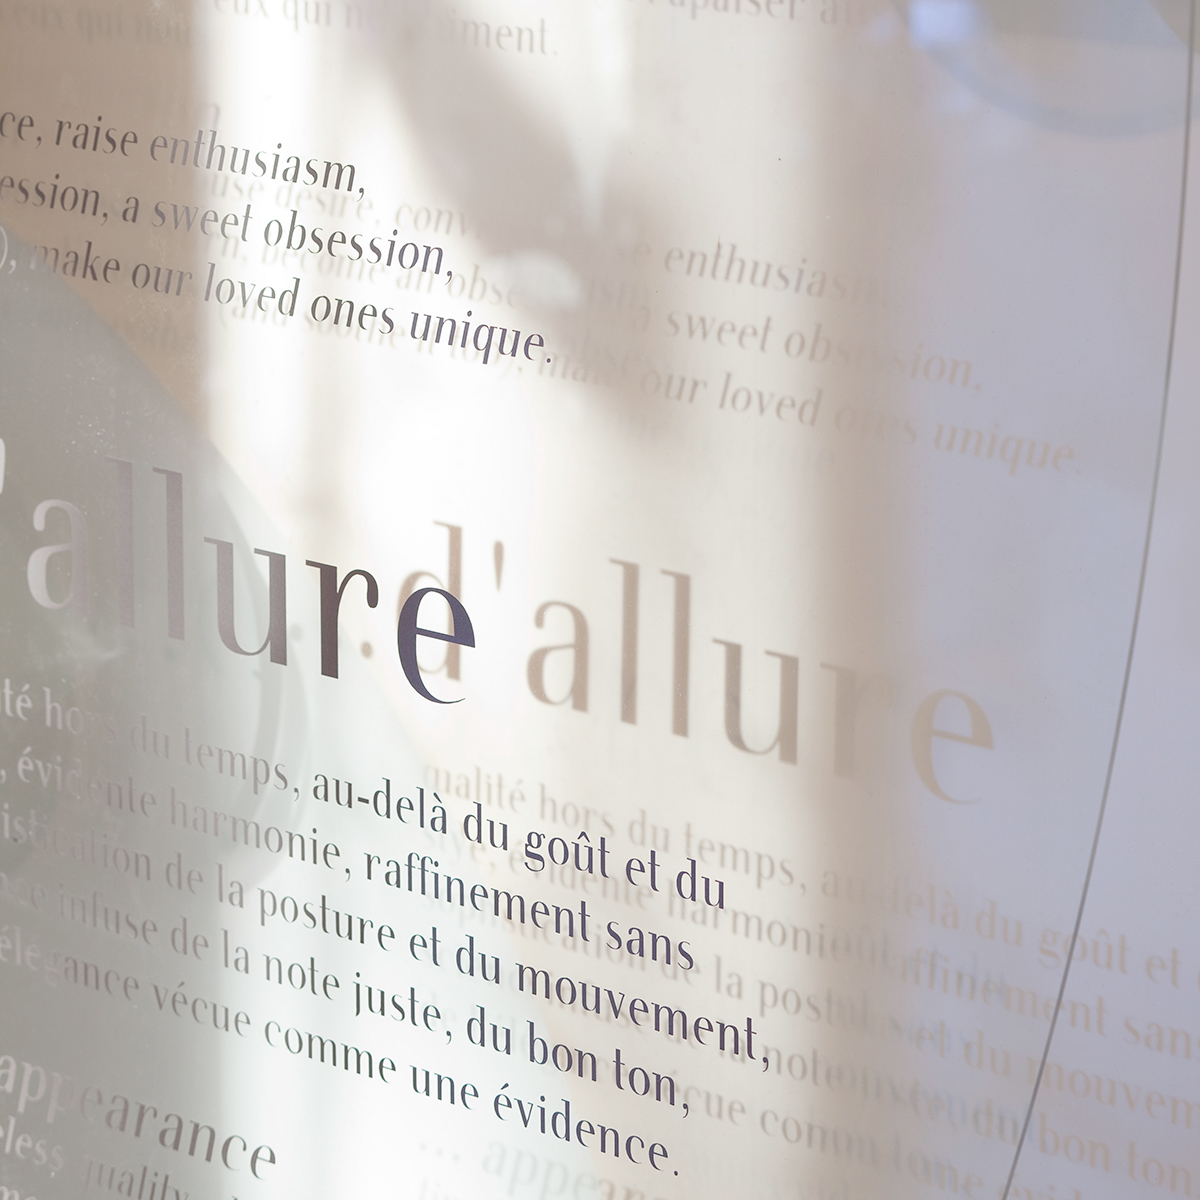 expositions & installations - scénographie de marque pour grand public